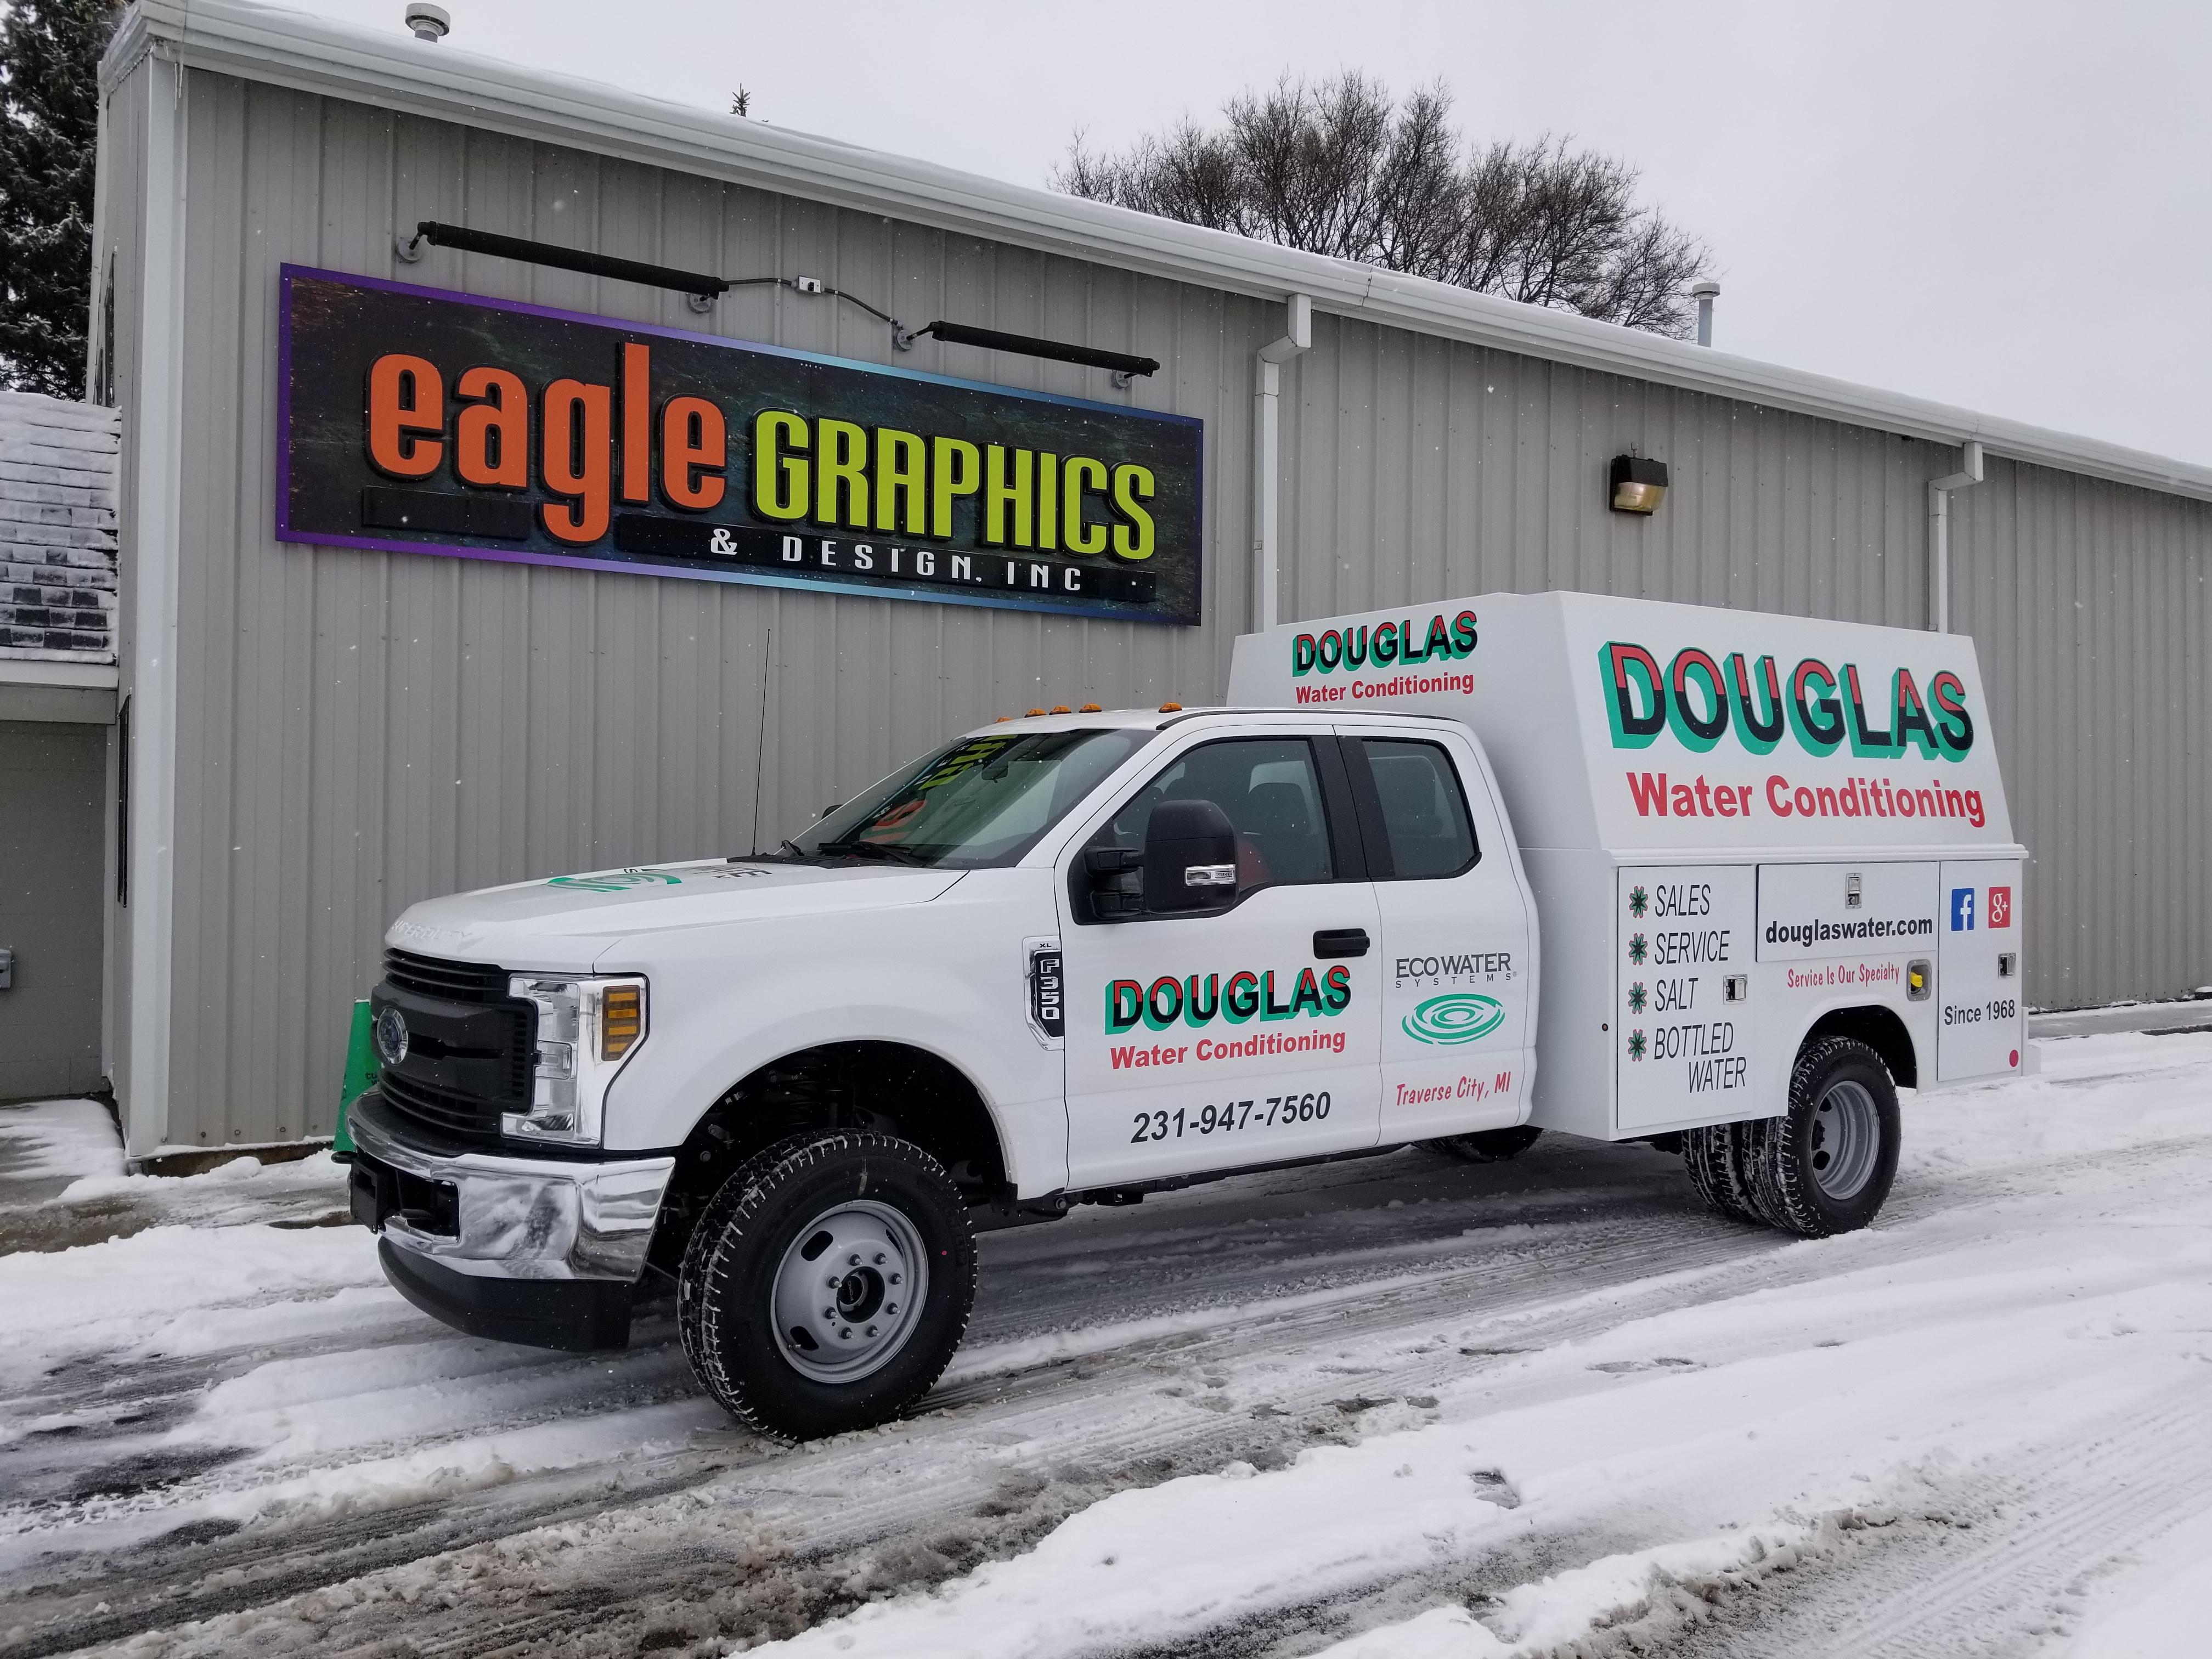 Douglas Spot wrap 3M Truck Wrap